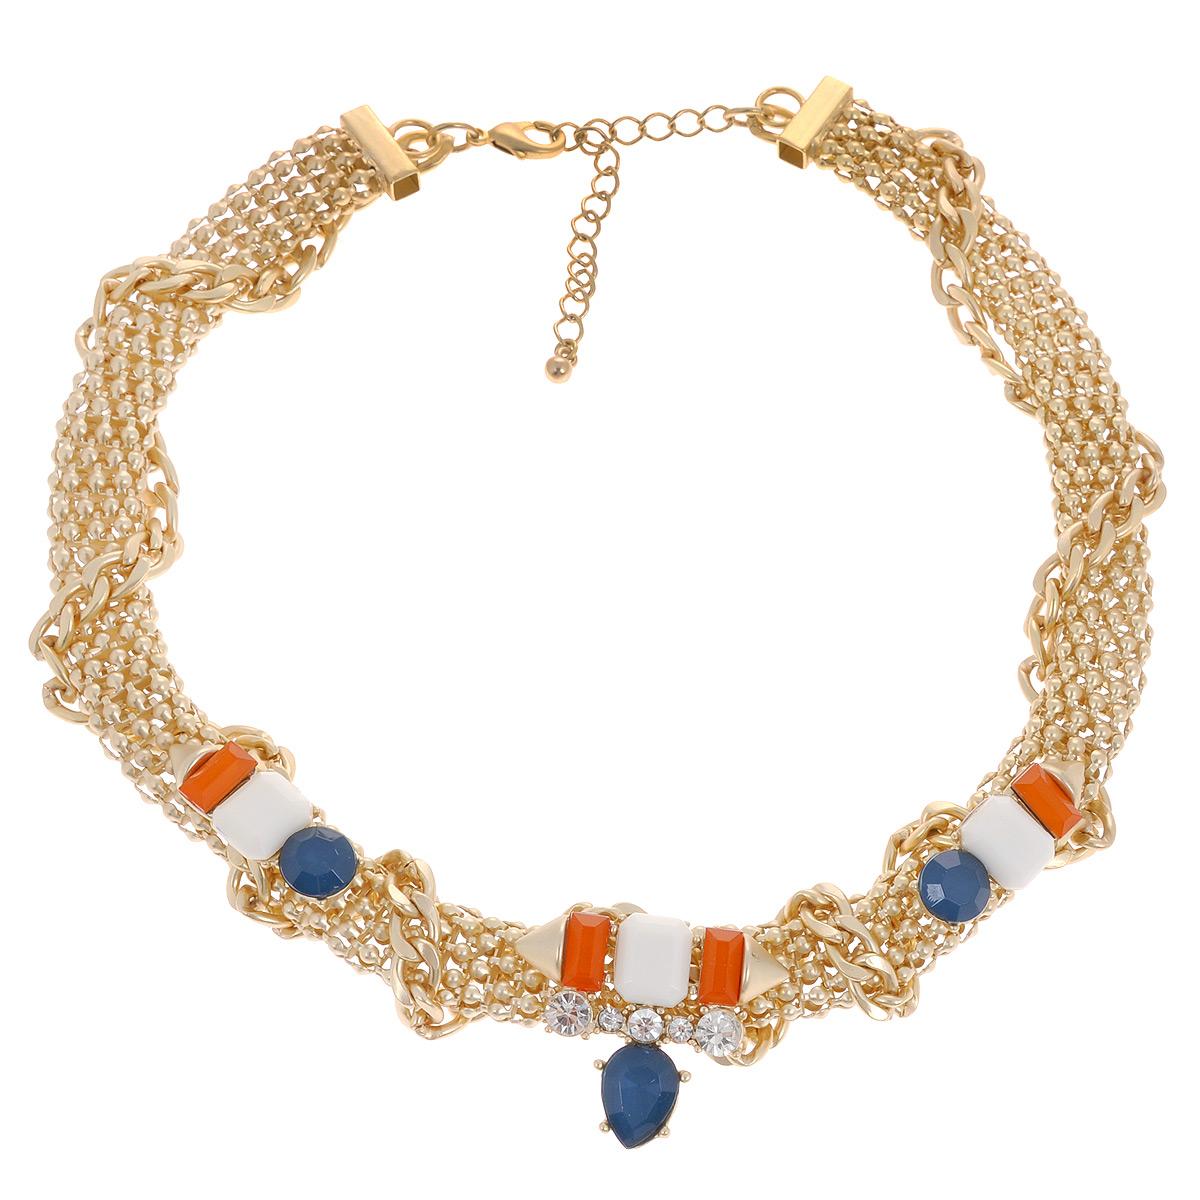 Ожерелье Avgad, цвет: золотистый, синий, оранжевый, слоновая кость. H-477S823Колье (короткие одноярусные бусы)Элегантное ожерелье Avgad выполнено из ювелирного сплава и дополнено тремя оригинальными элементами с вставками из ювелирного акрила. Ожерелье застегивается на практичный замок-карабин, длина изделия регулируется за счет дополнительных звеньев в цепочке.Такое ожерелье позволит вам с легкостью воплотить самую смелую фантазию и создать собственный, неповторимый образ.